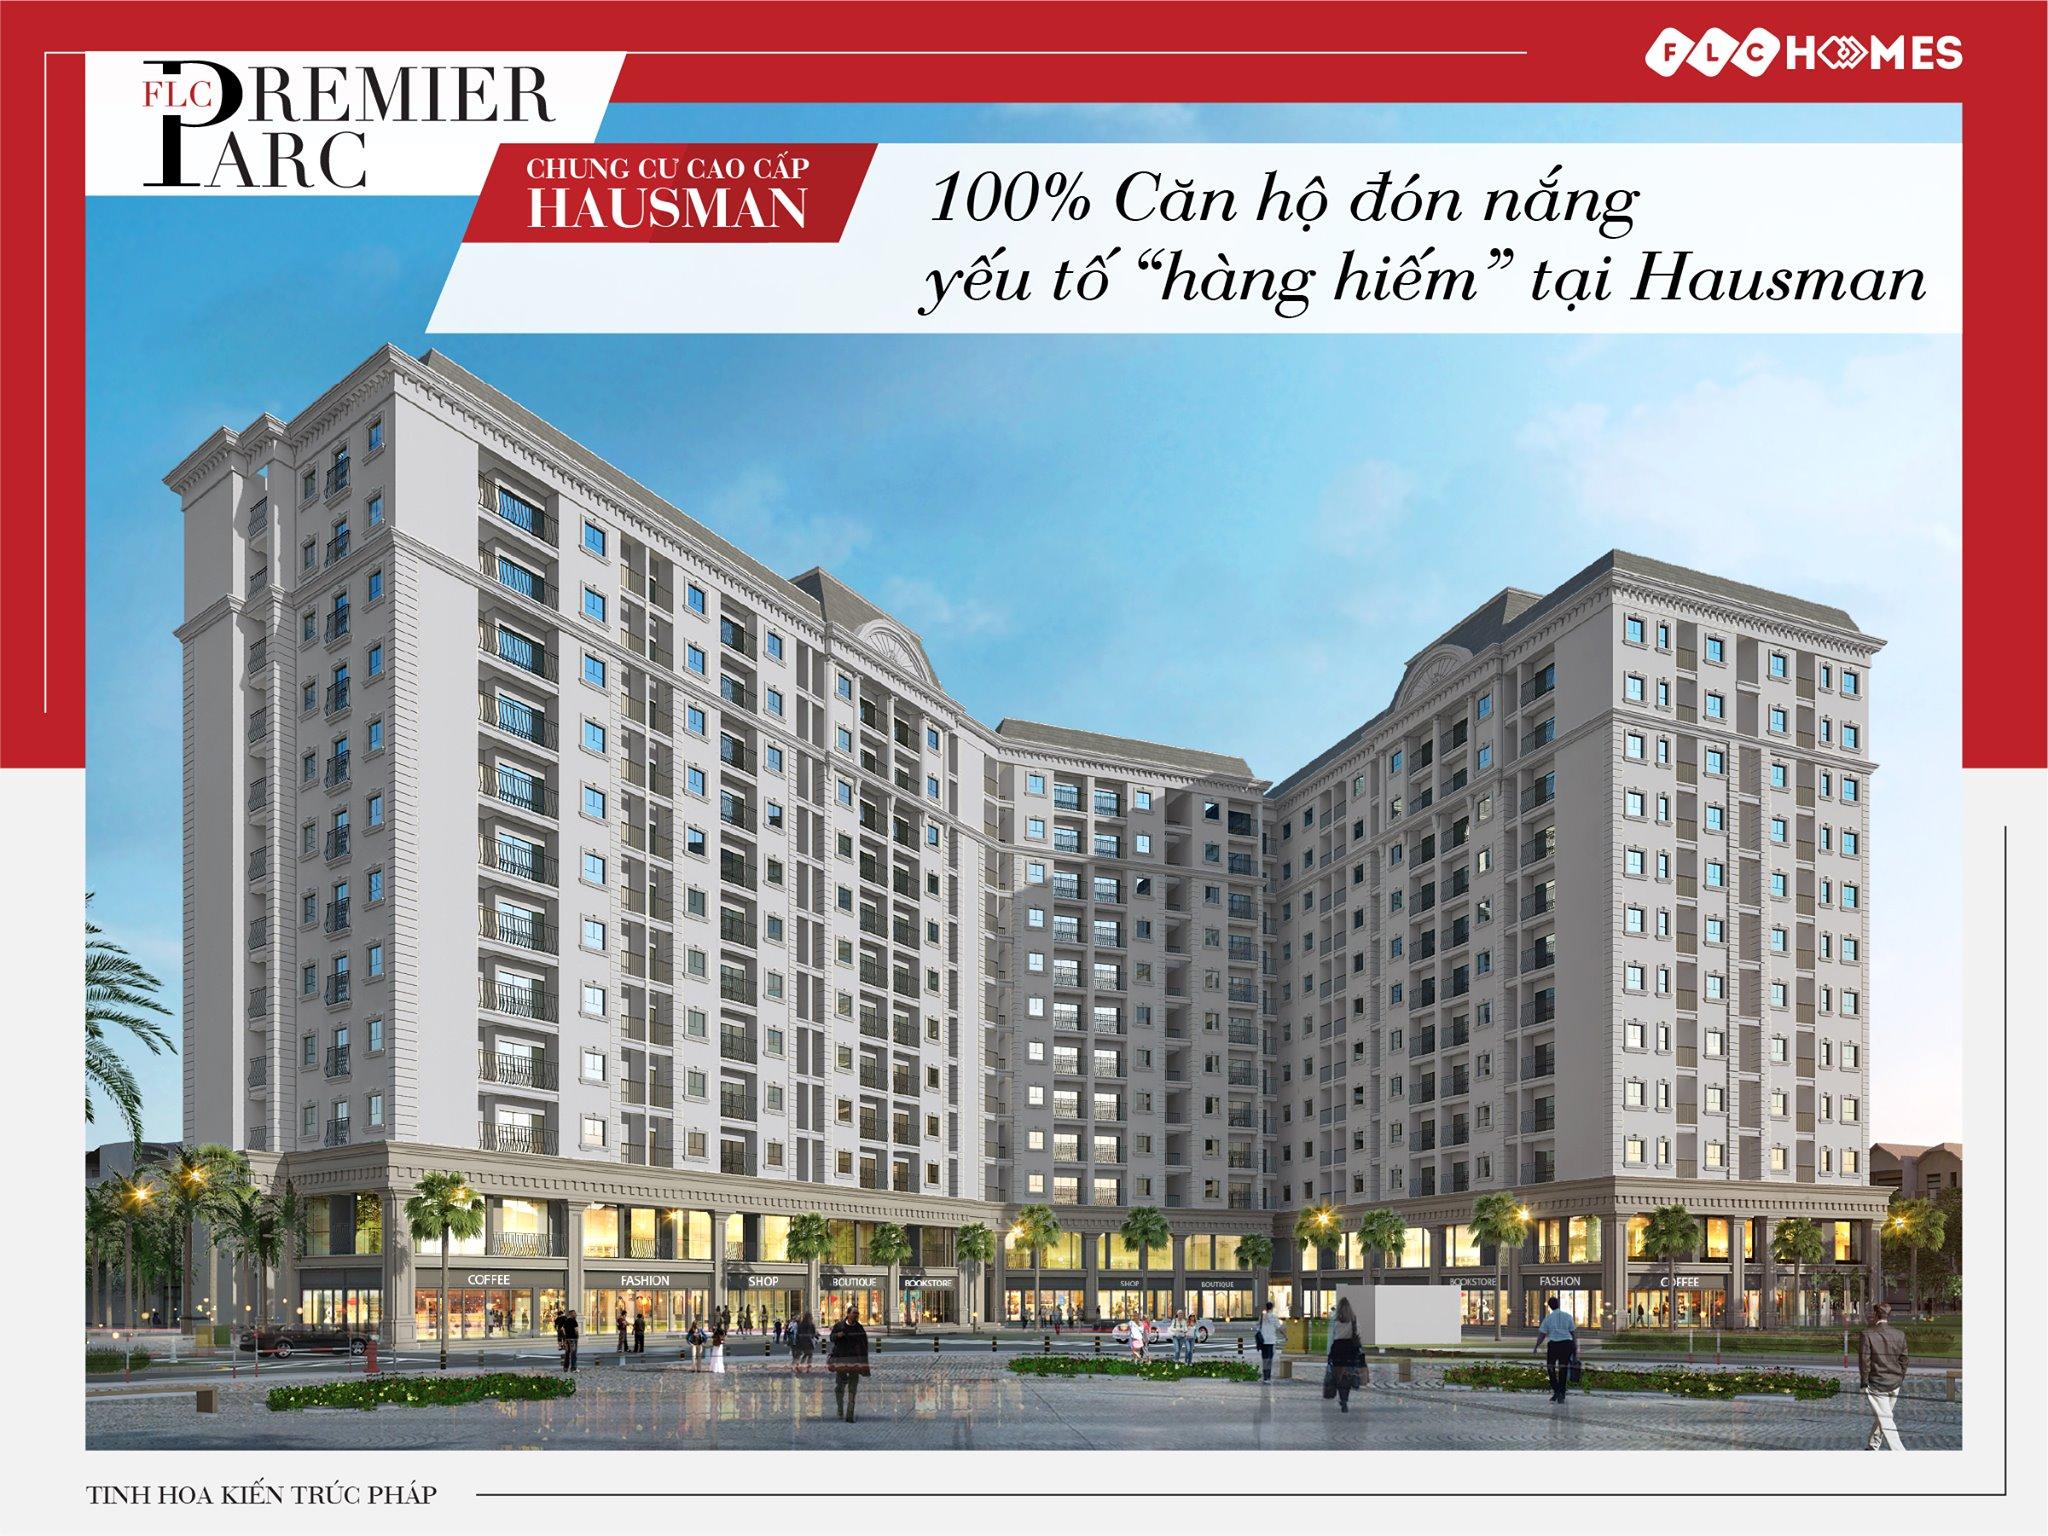 thiết kế căn hộ chung cư flc premier park đại mỗ (hausman))